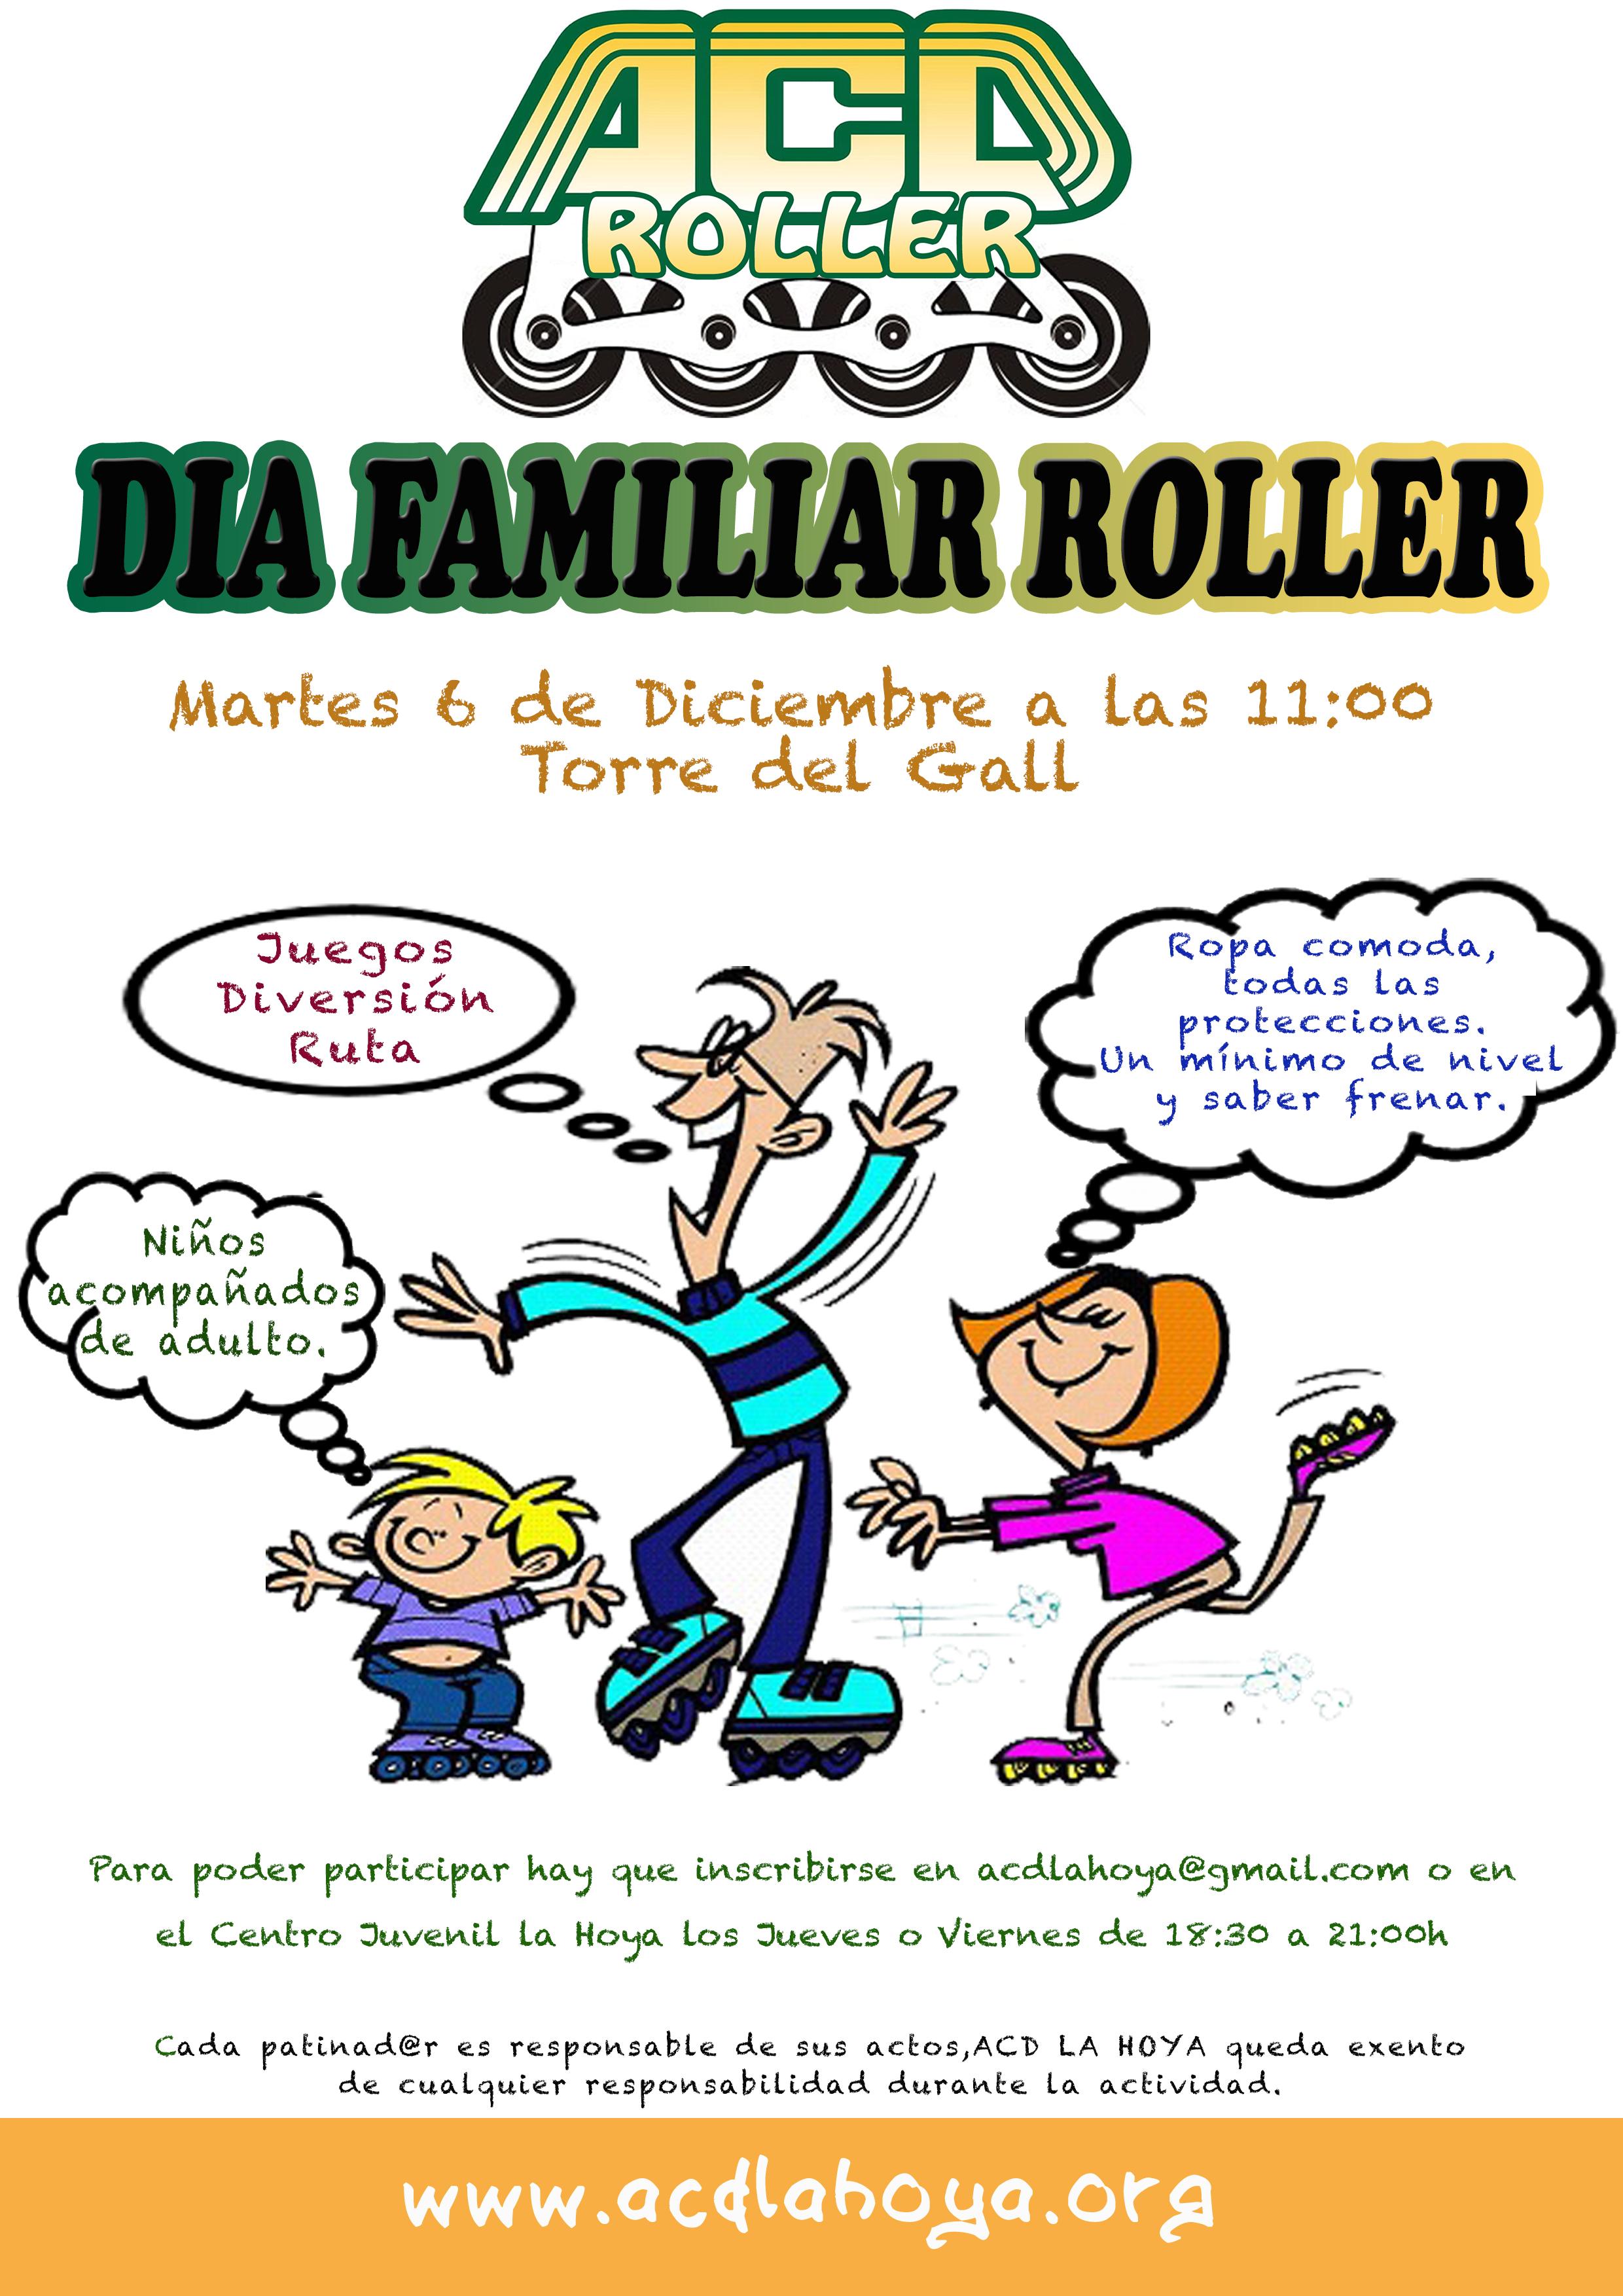 dia-familiar-roller